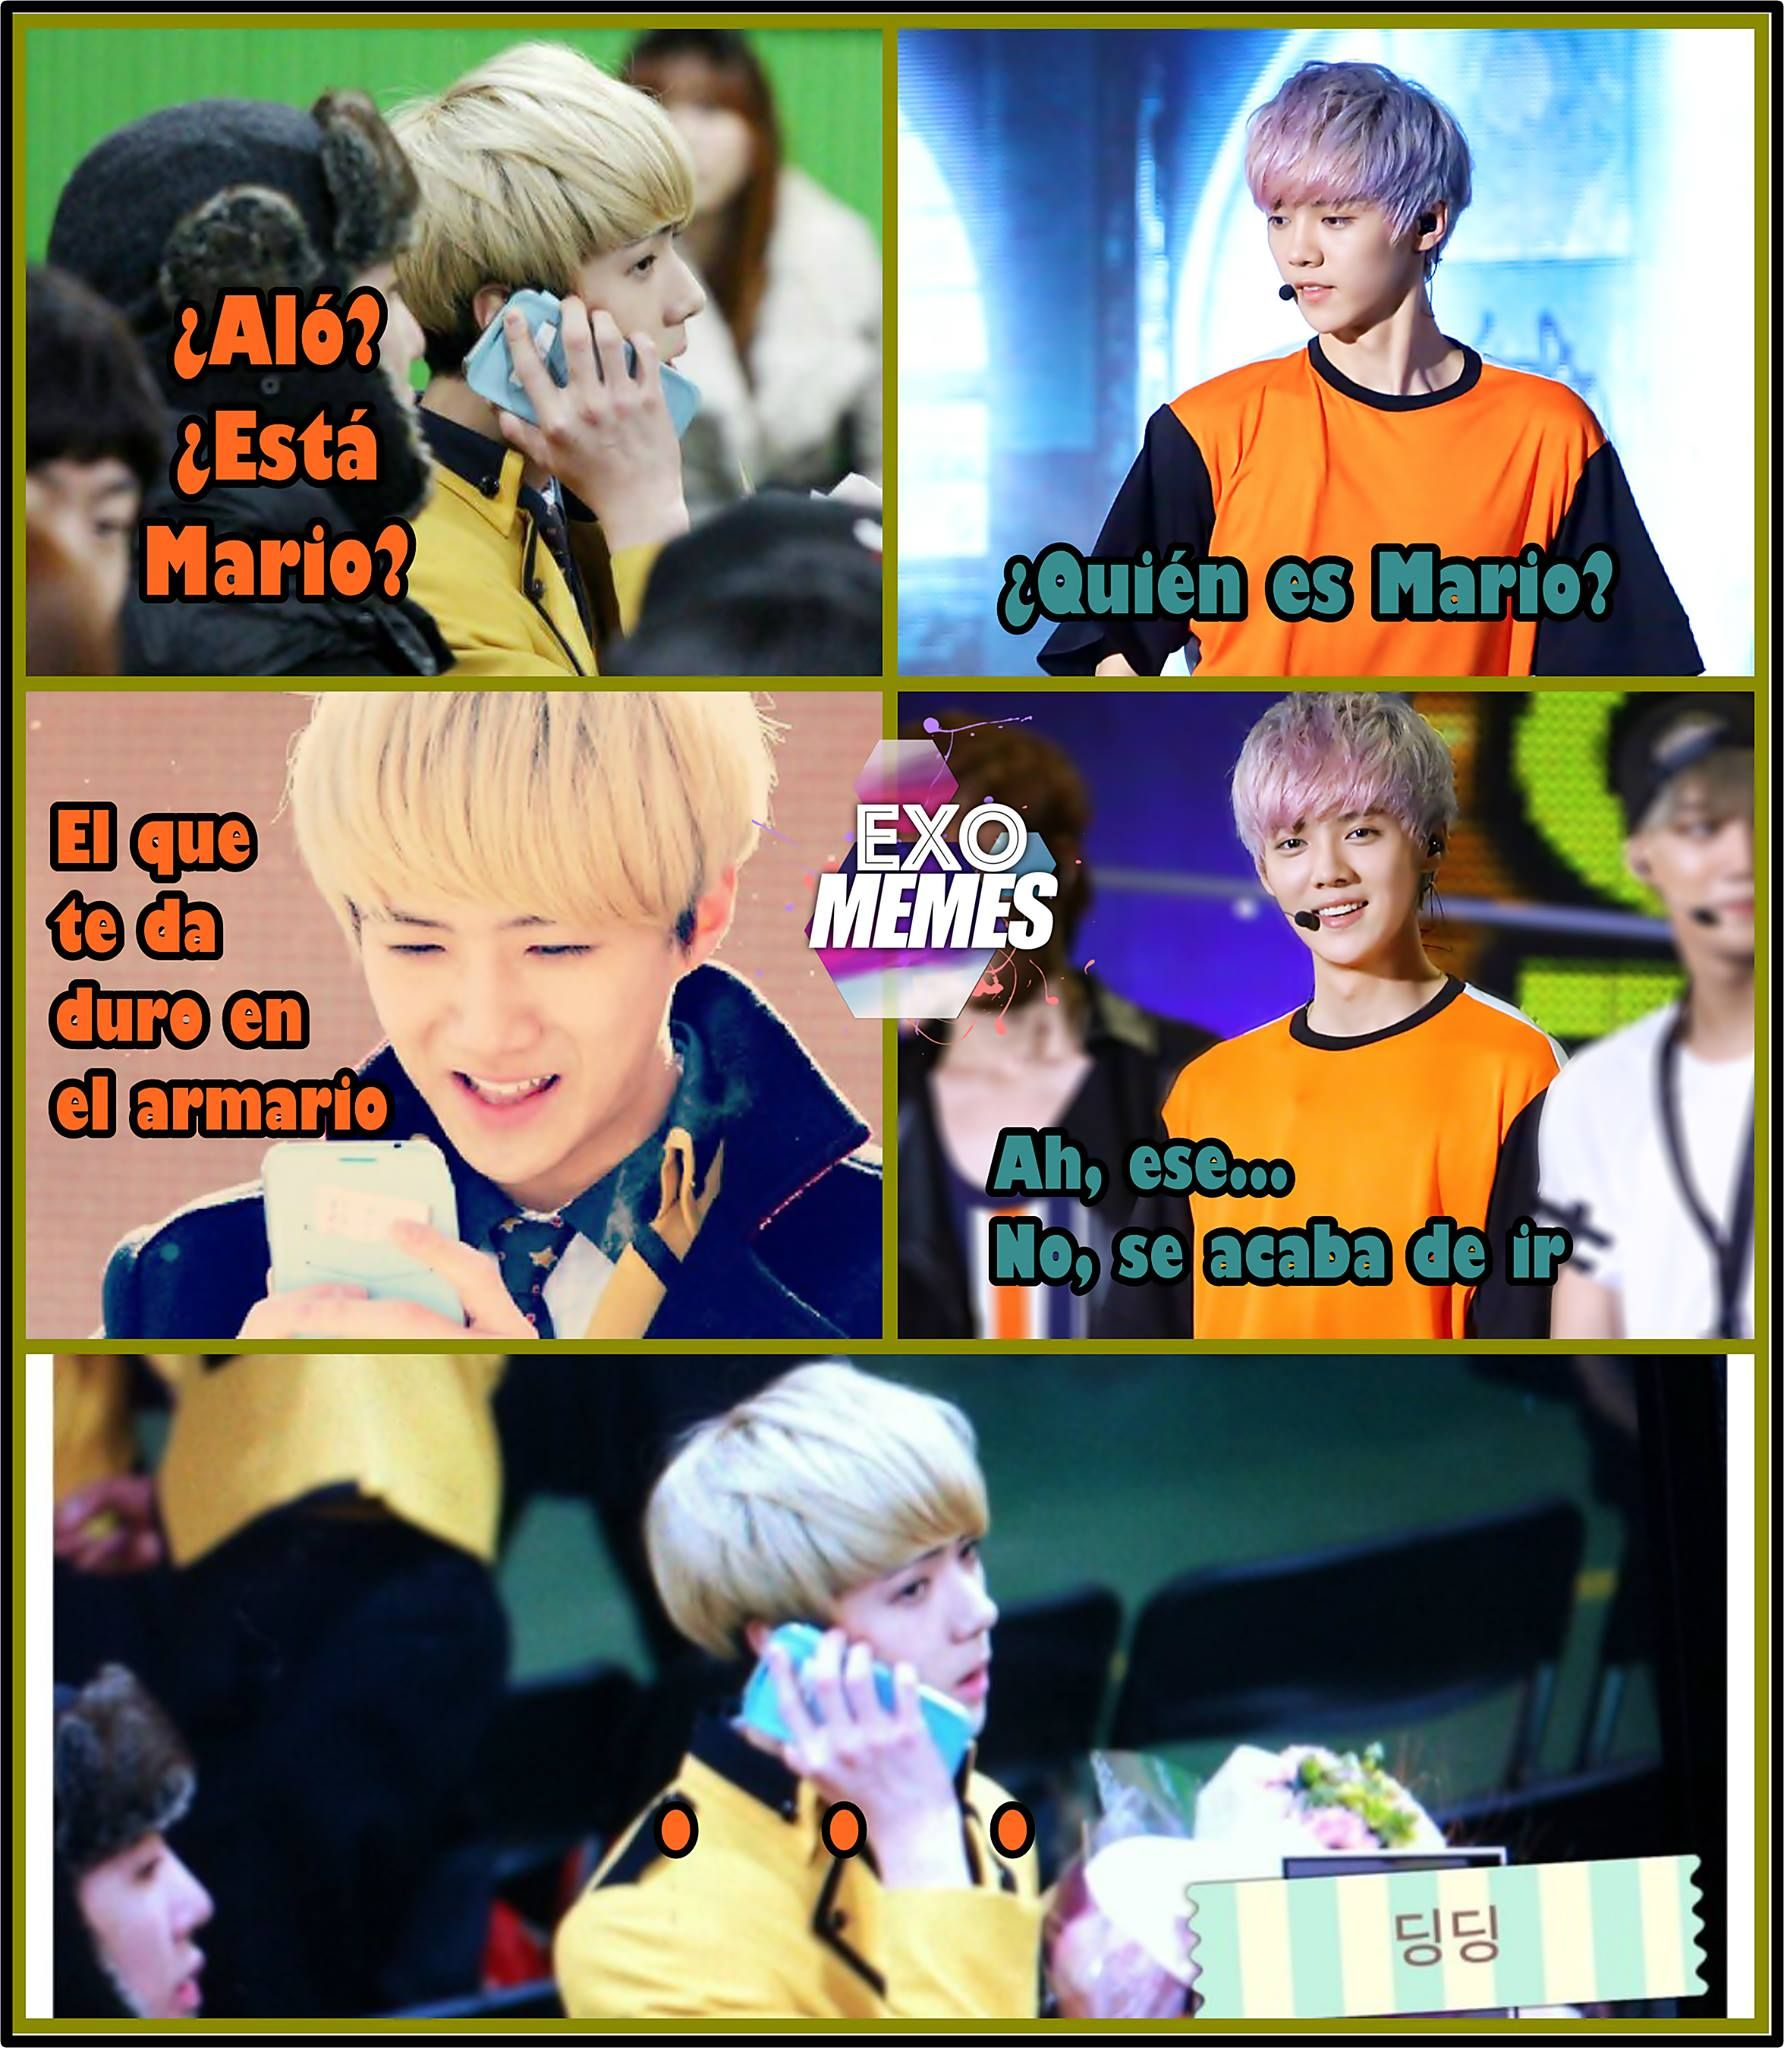 exo meme - hahaahha